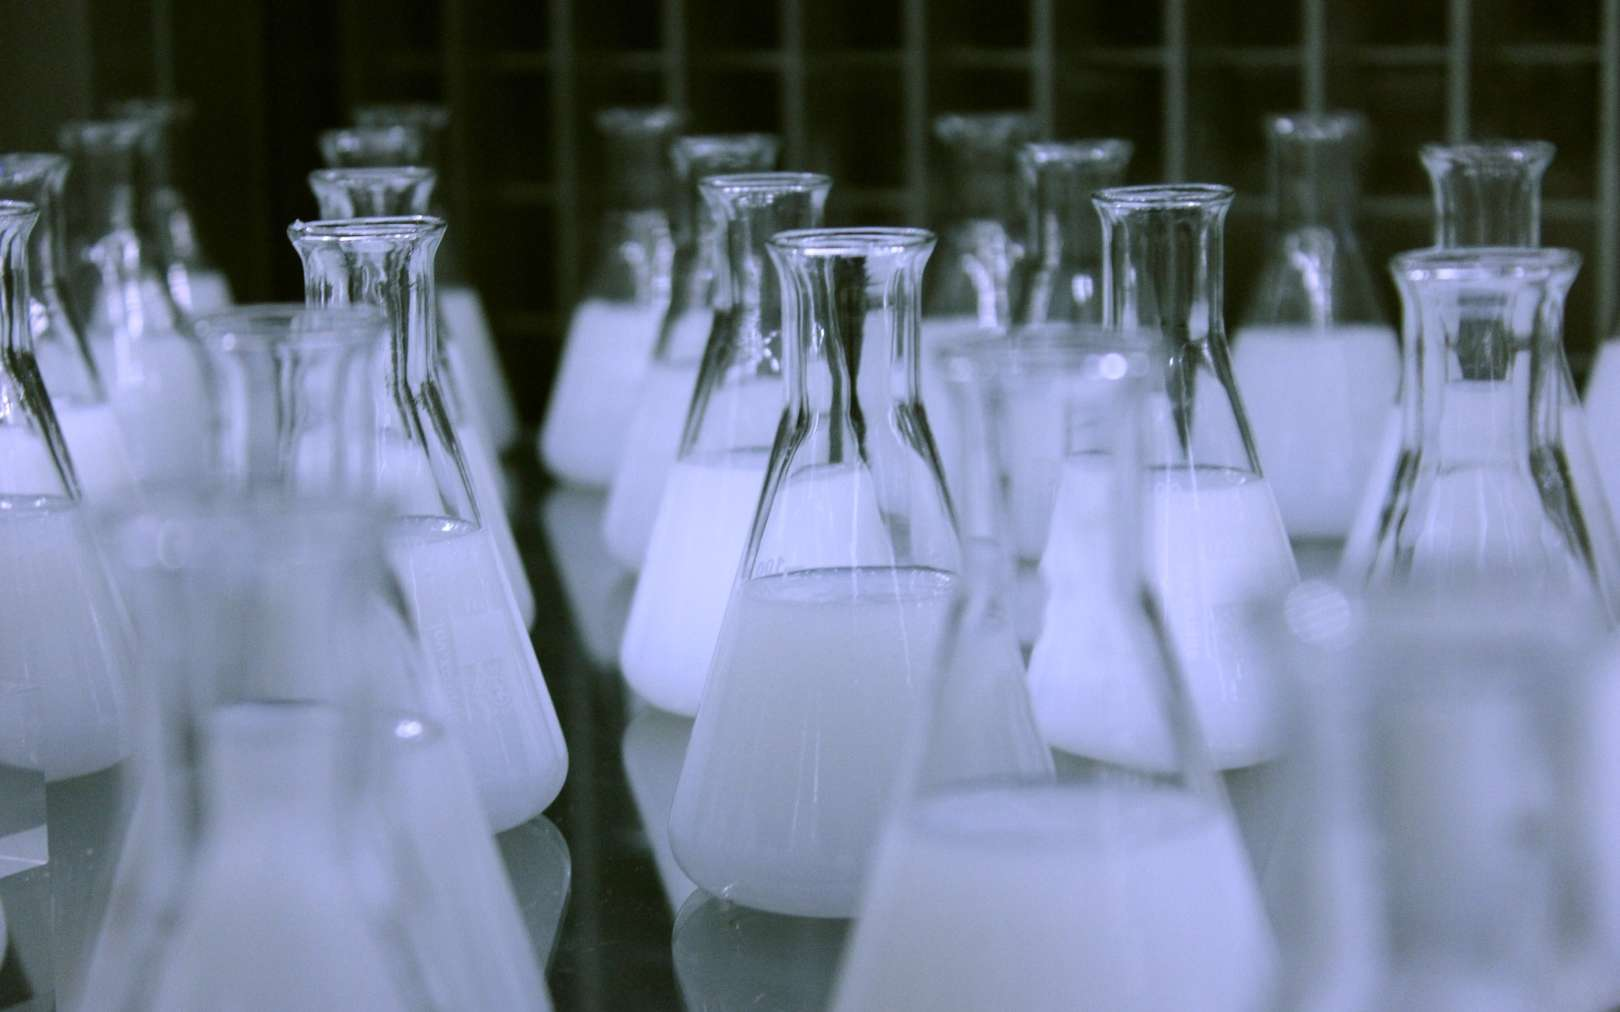 Les cétones sont des composés organiques caractérisés par une fonction carbonyle. © PxHere